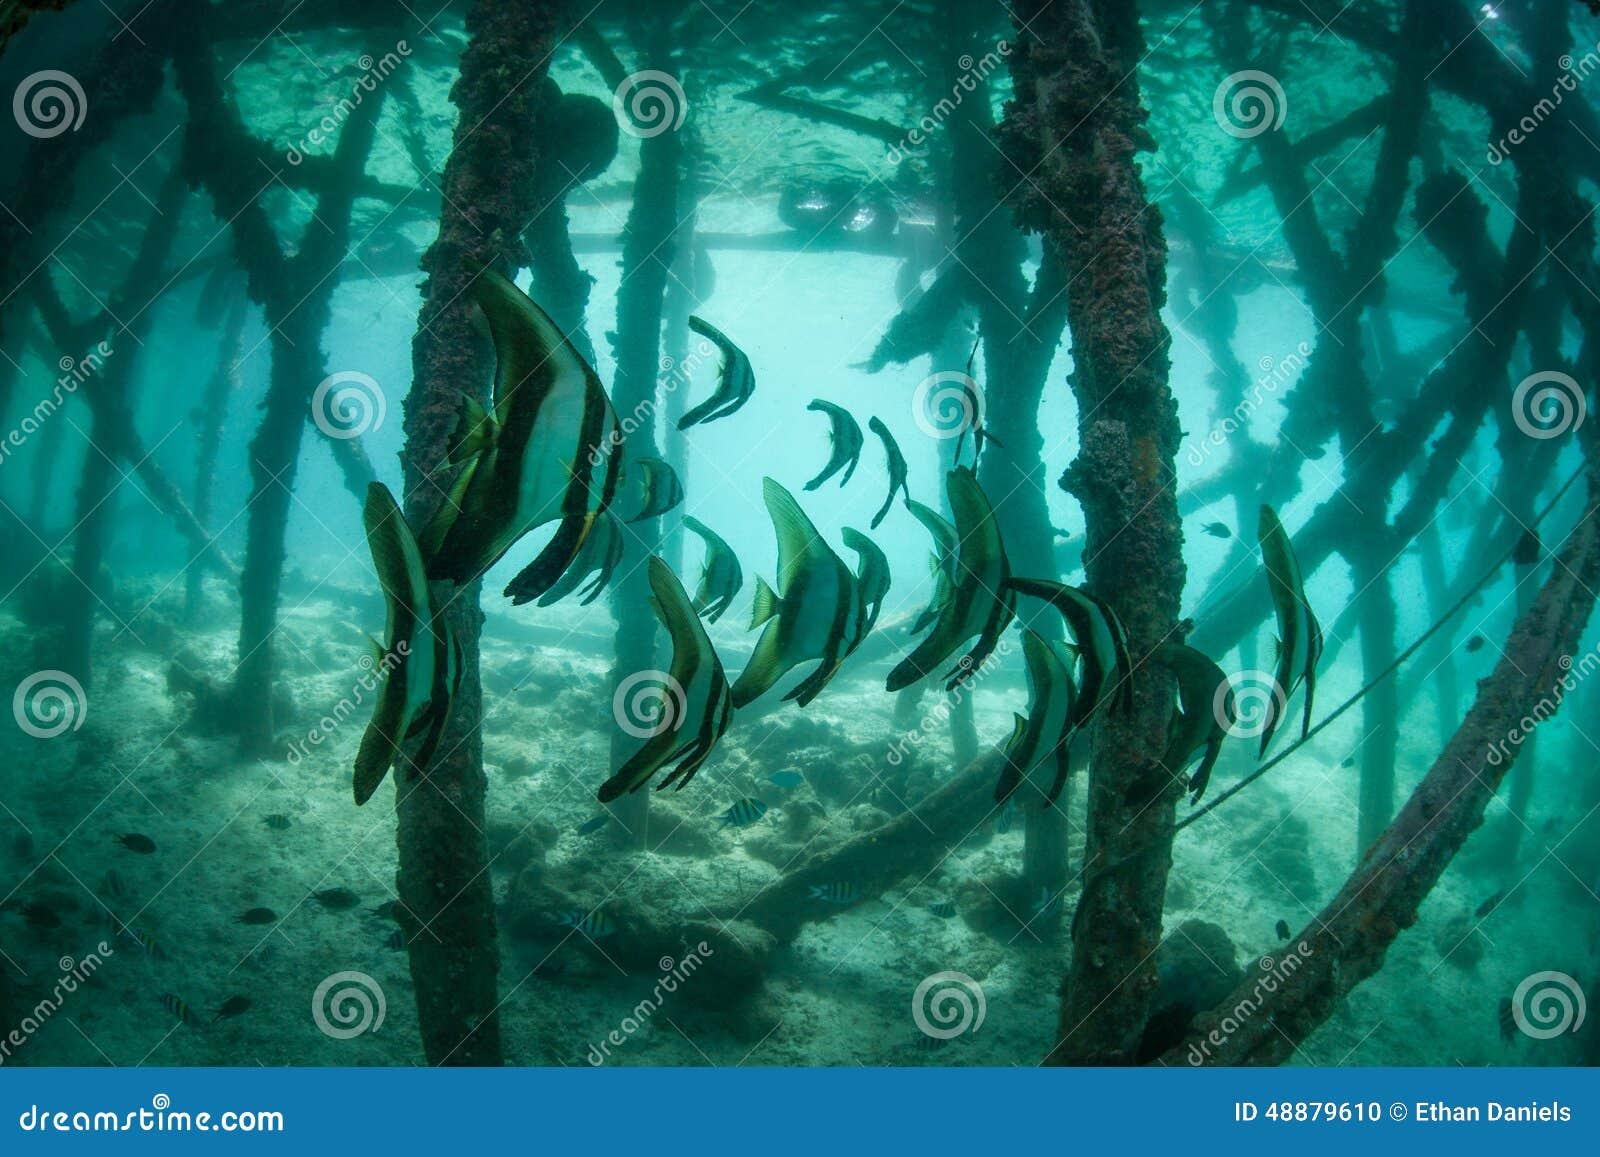 Pesce pipistrello sotto il pilastro